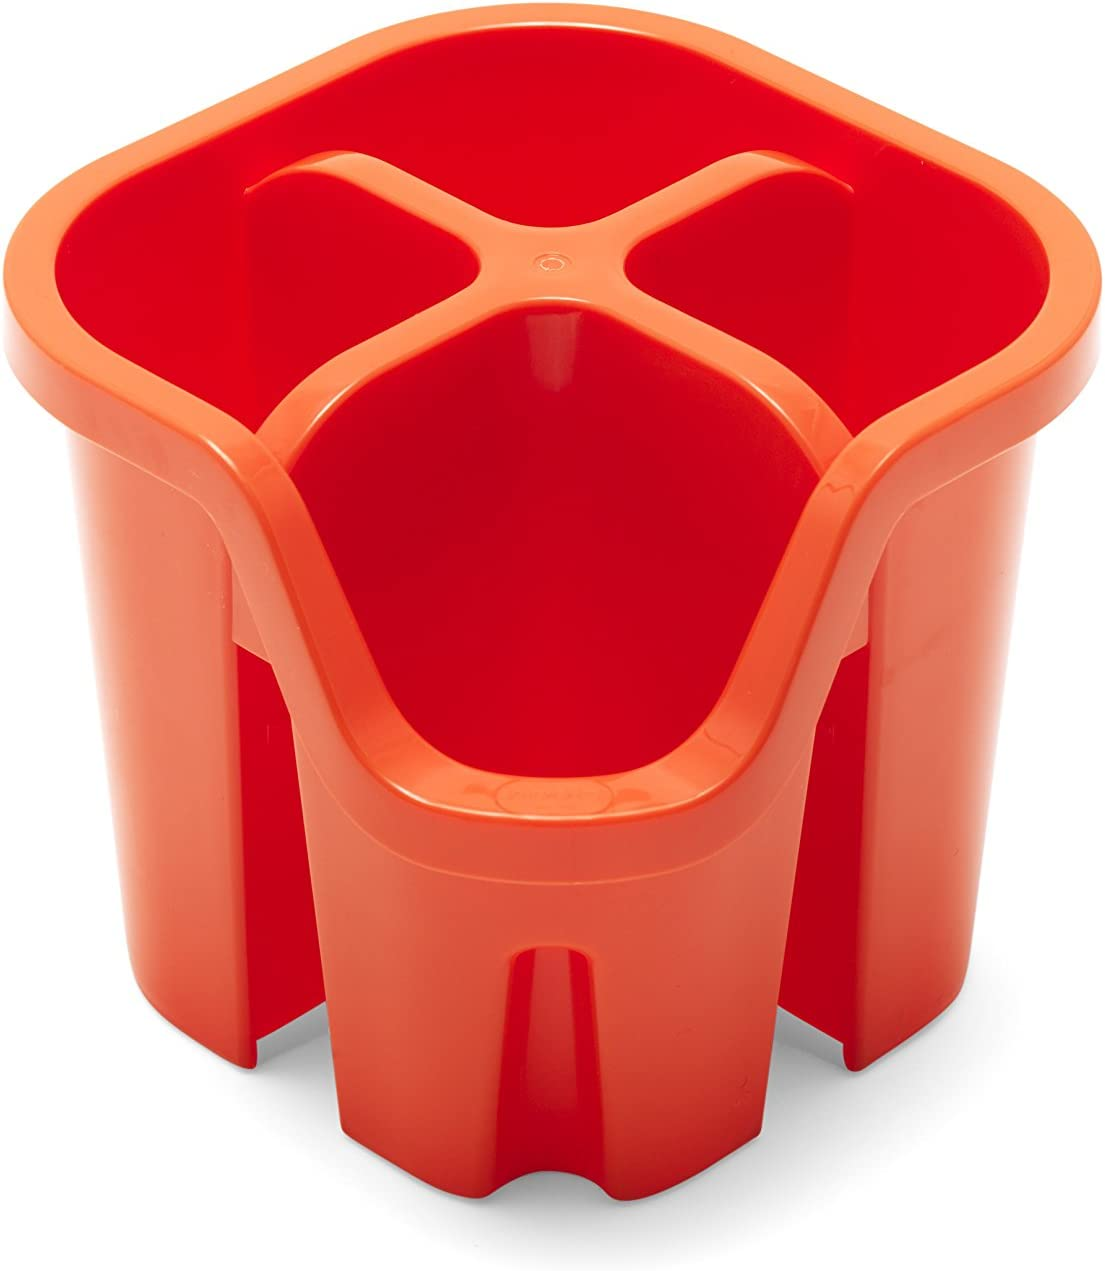 Plastique Red 14 x 14 x 13 cm Addis Panier /à ustensile Couverts avec 4/Compartiments